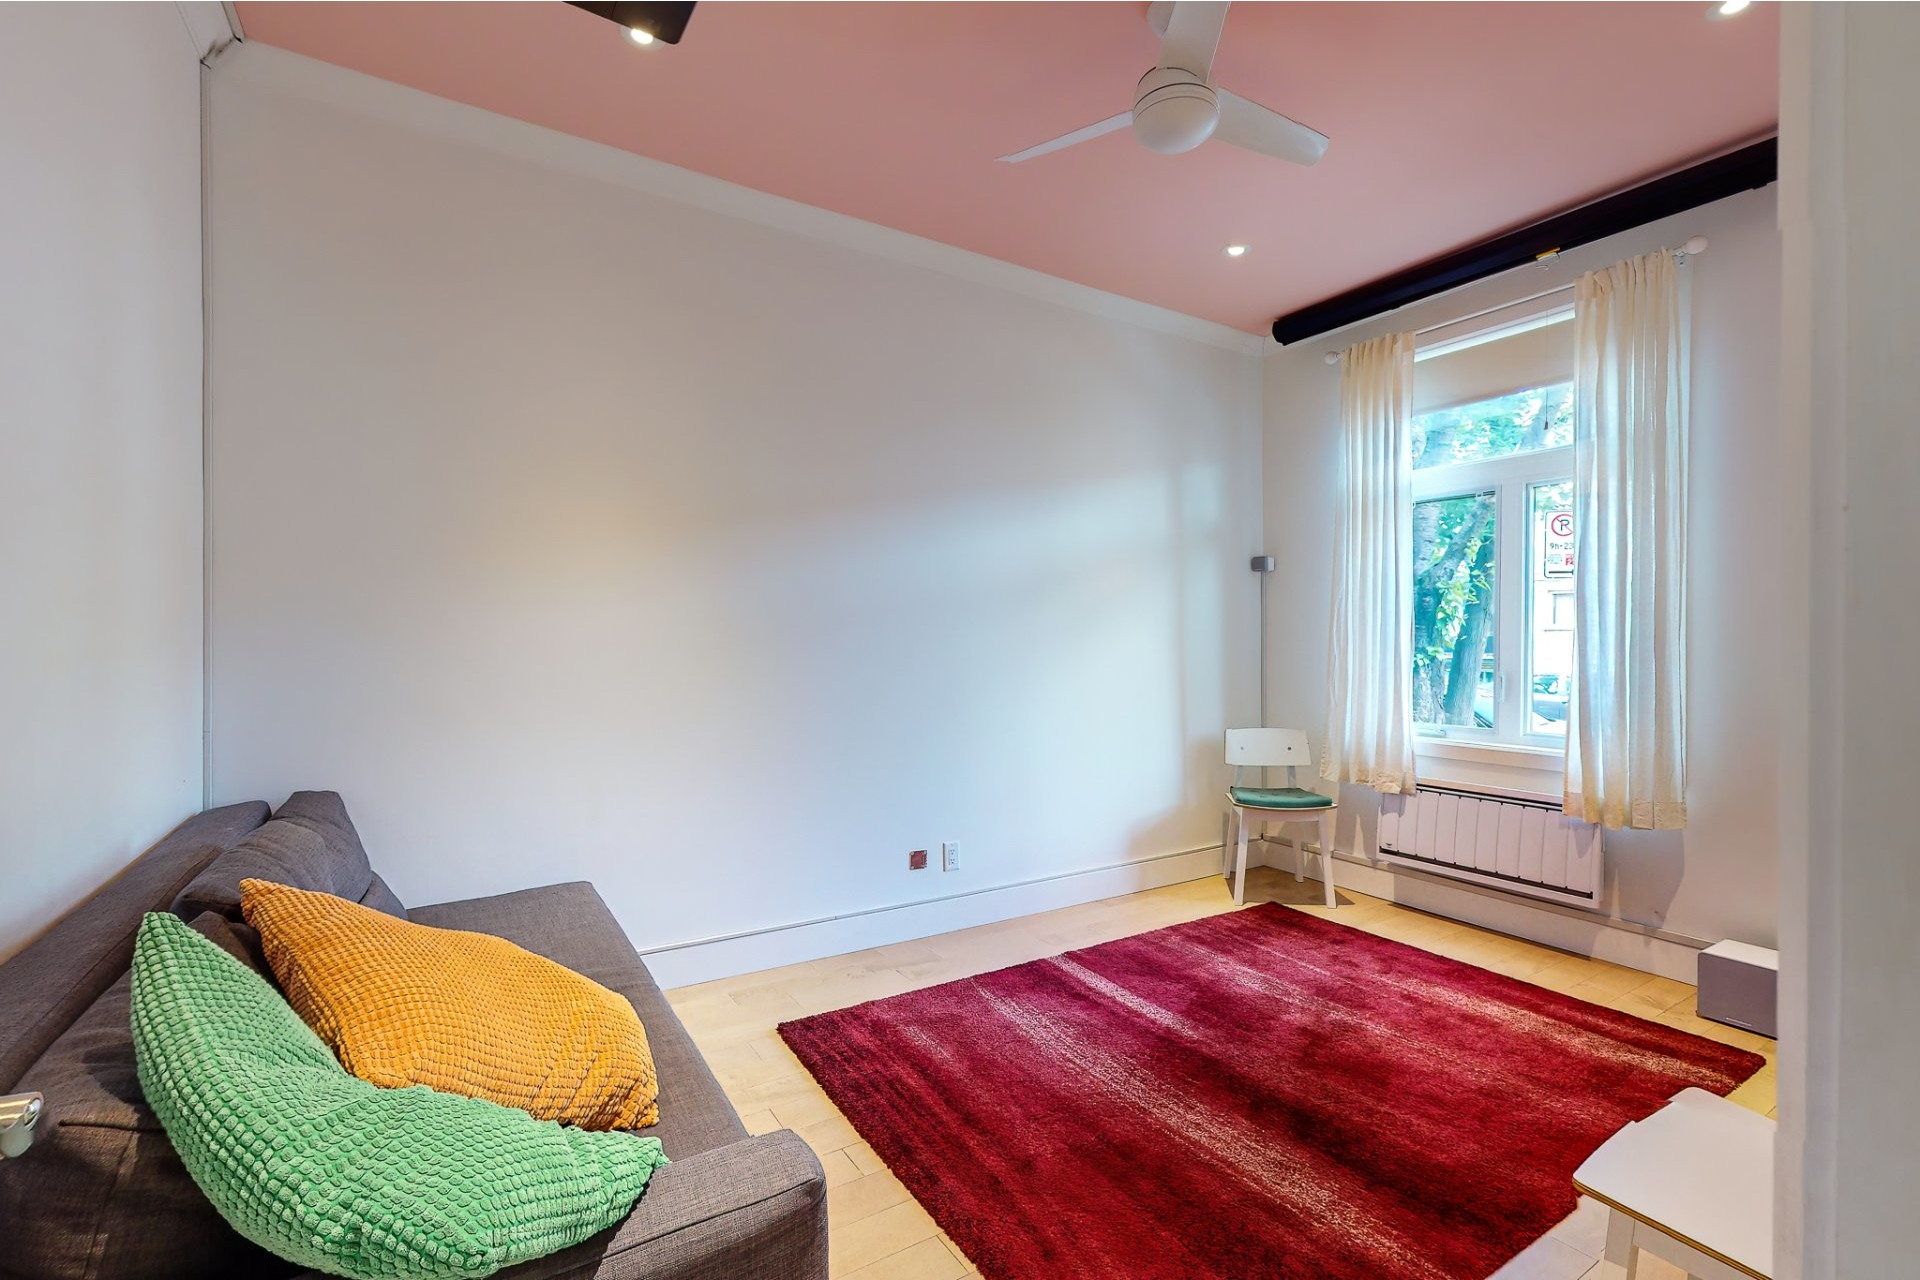 image 8 - House For sale Le Plateau-Mont-Royal Montréal  - 10 rooms